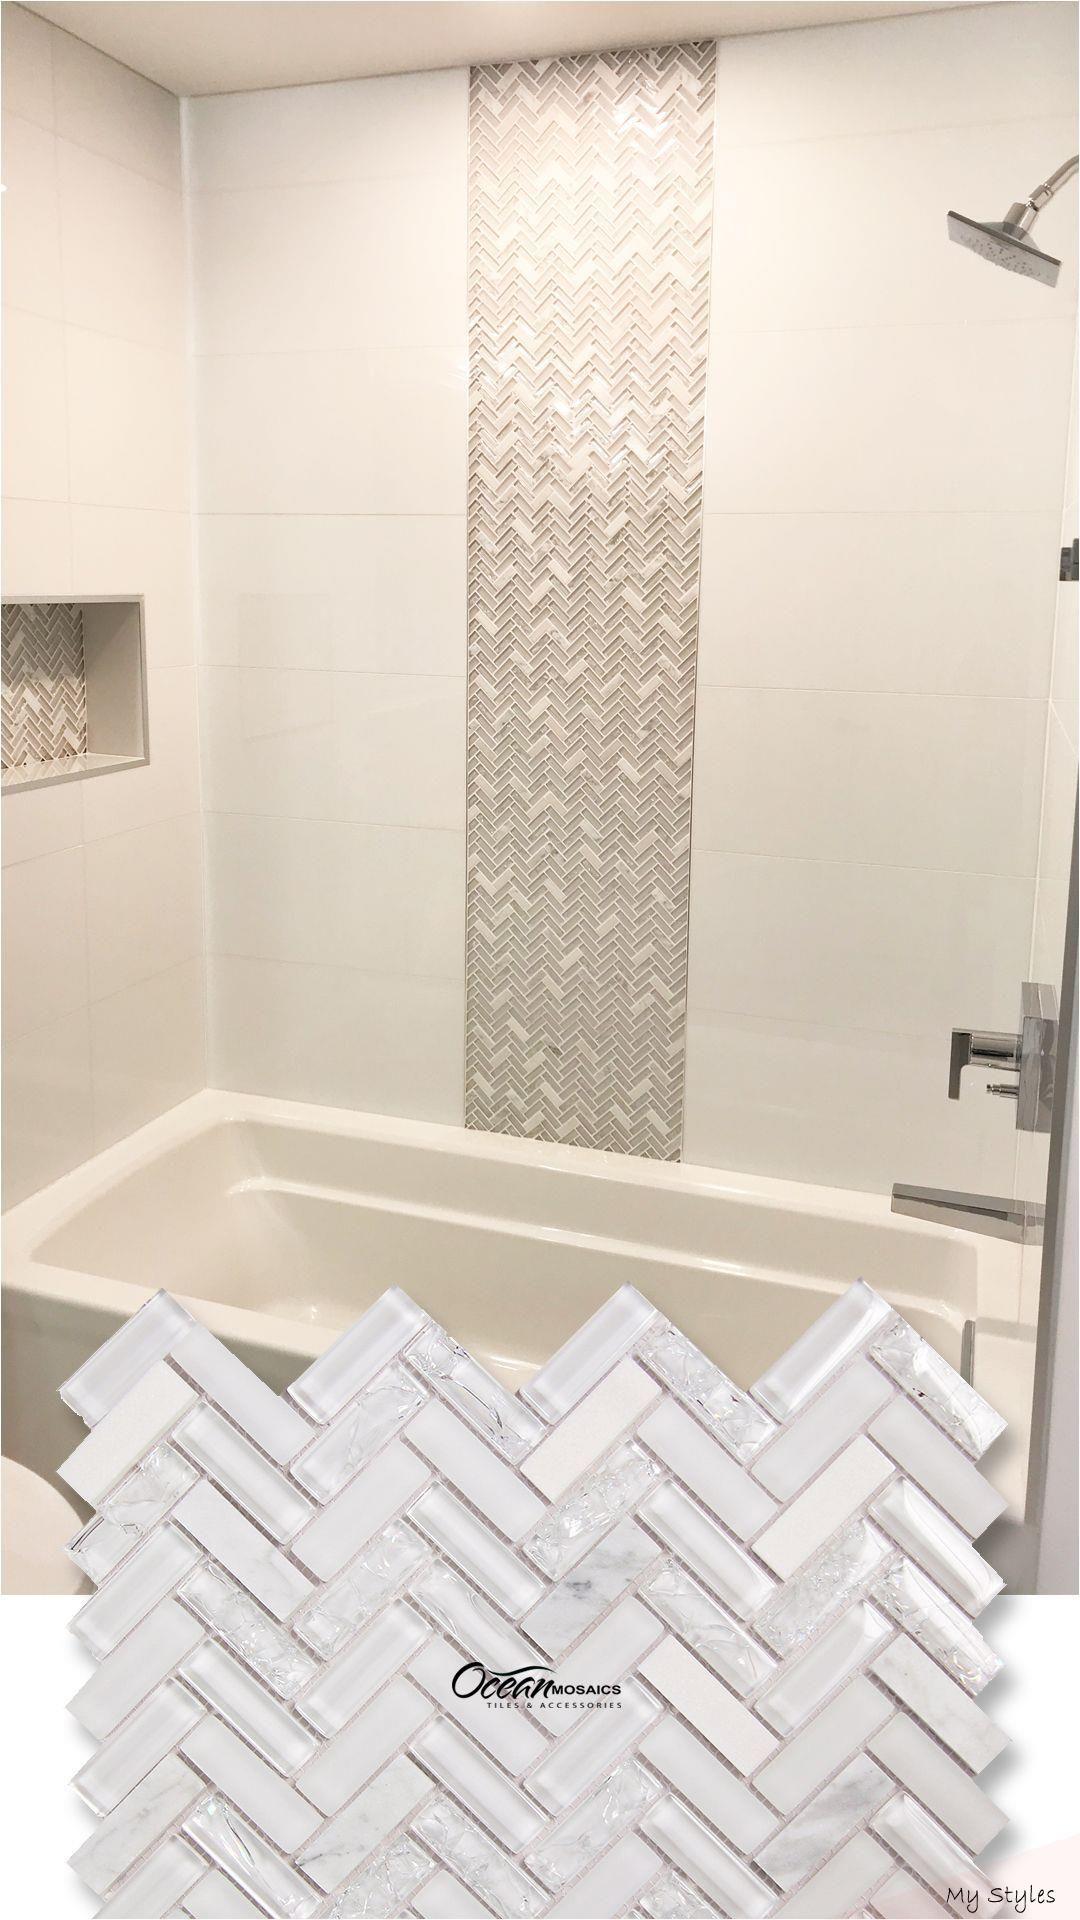 Nov 7 2019 Archery White Oak Herringbone Tile Designed In A Unique Vertical Pa En 2020 Conceptions De Carrelage Salle De Bains Carrelage Salle De Bain Salle De Bain